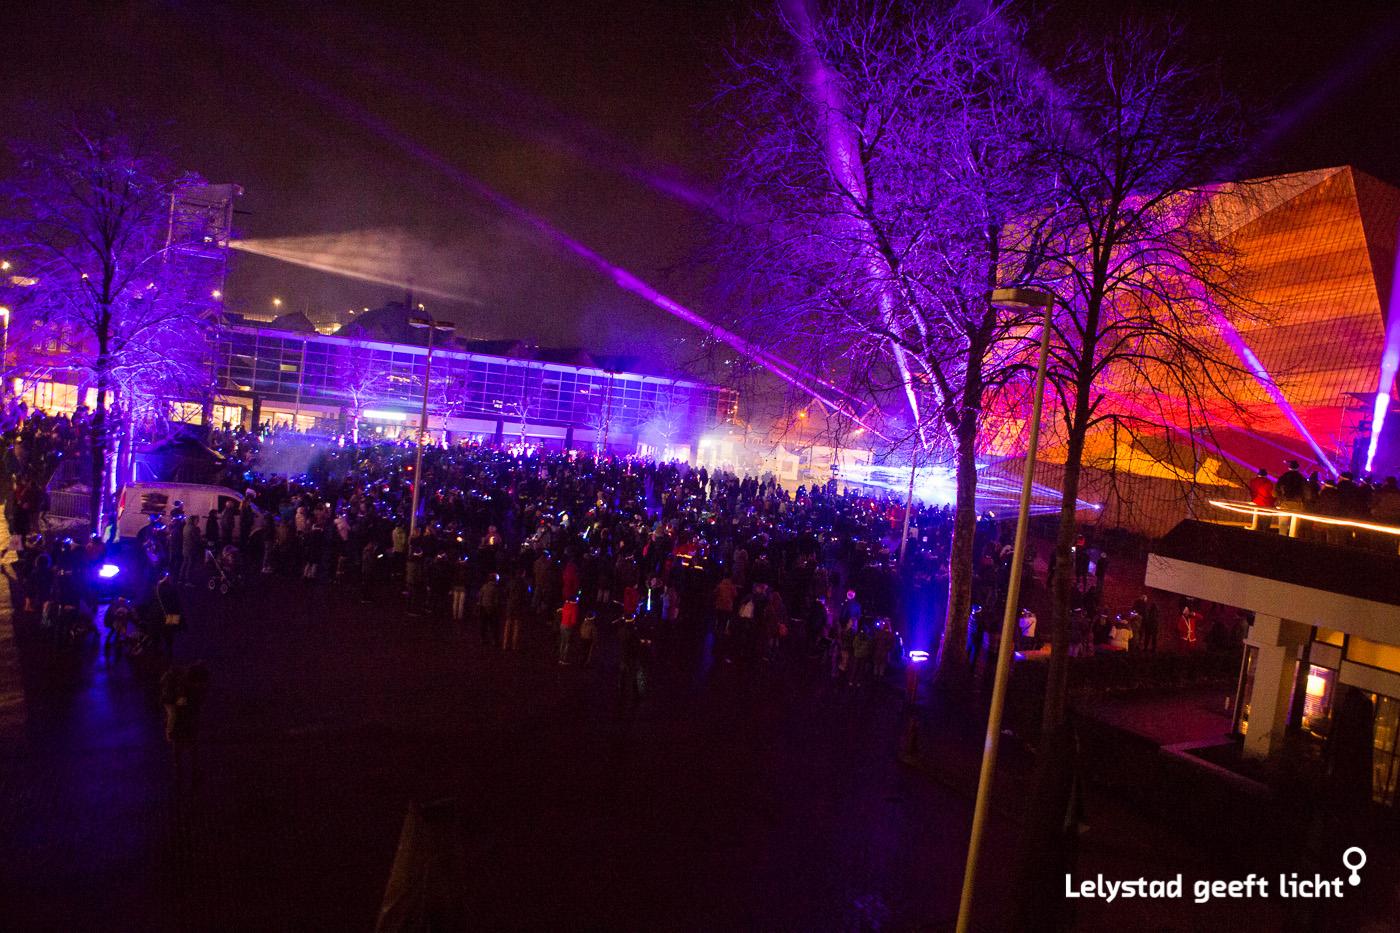 LichtjesParade&Eindshow-JPluim-6